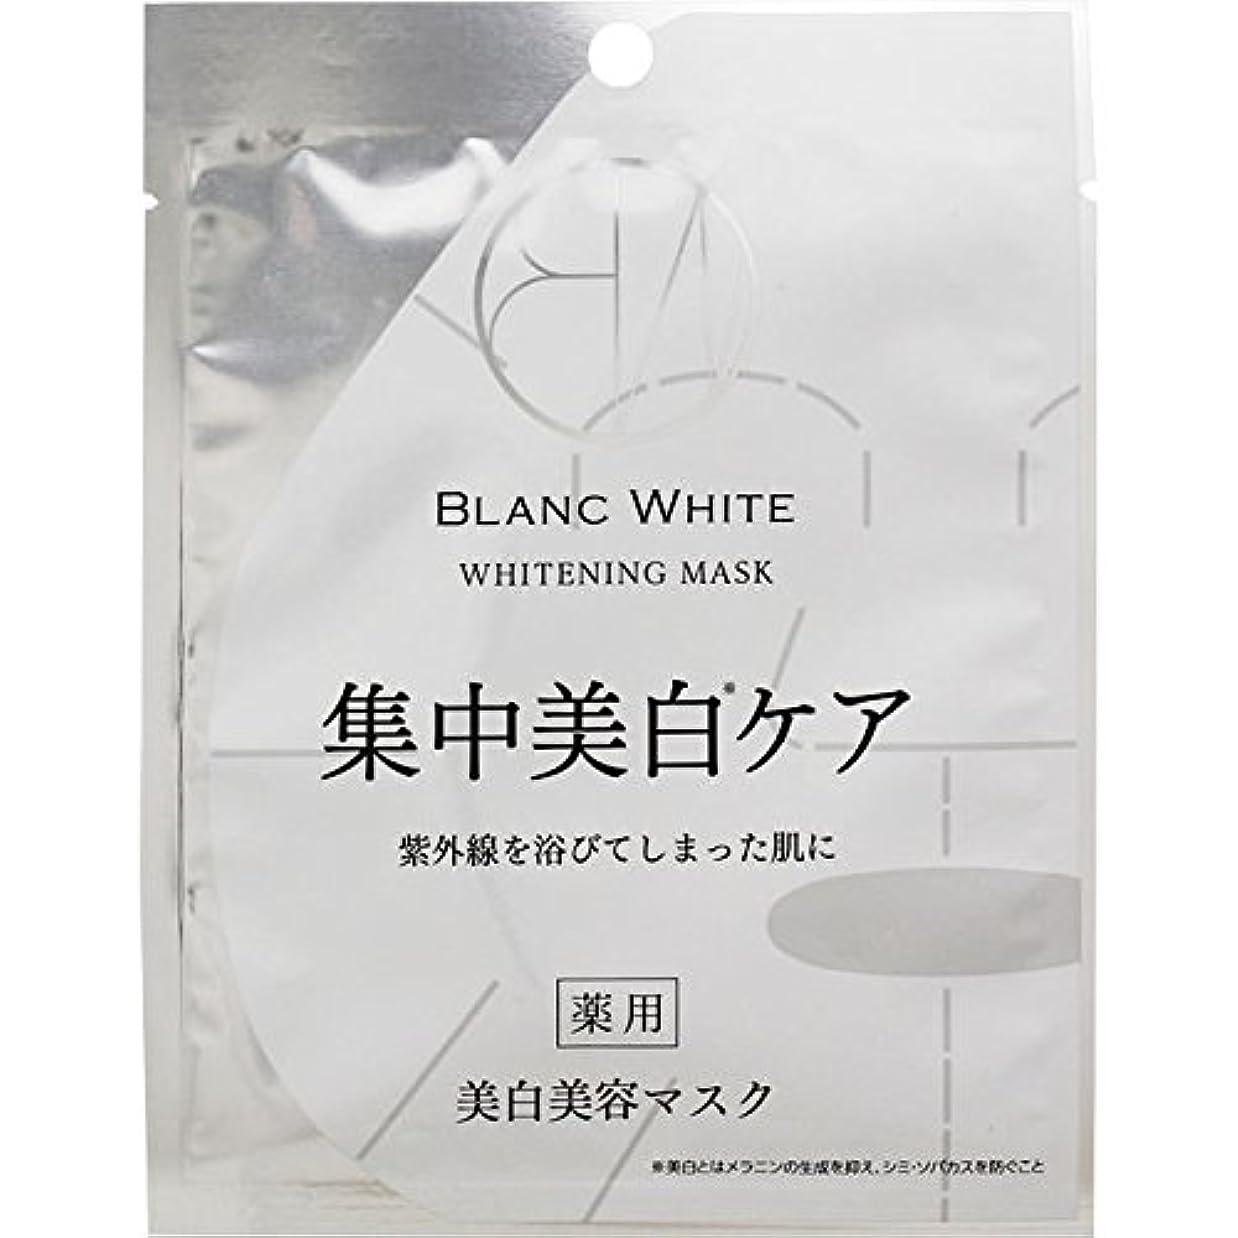 特派員かき混ぜる五ブランホワイト ホワイトニングマスク 1枚【21ml】 (医薬部外品)